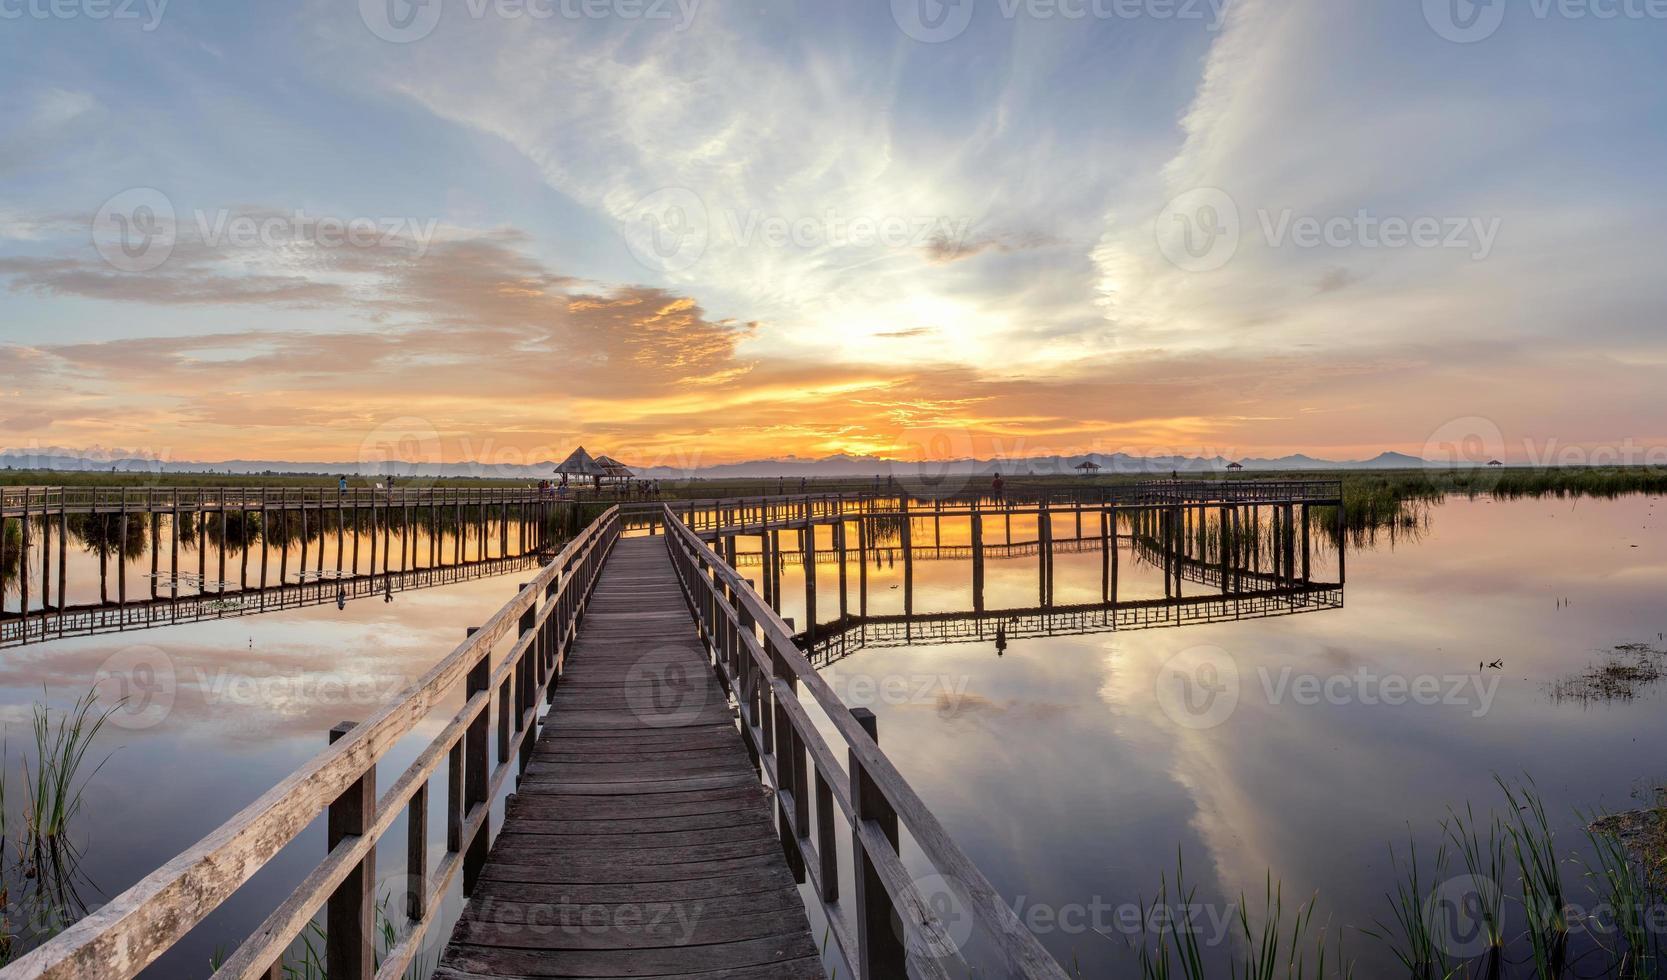 ponte de madeira no lago de lótus na hora por do sol foto